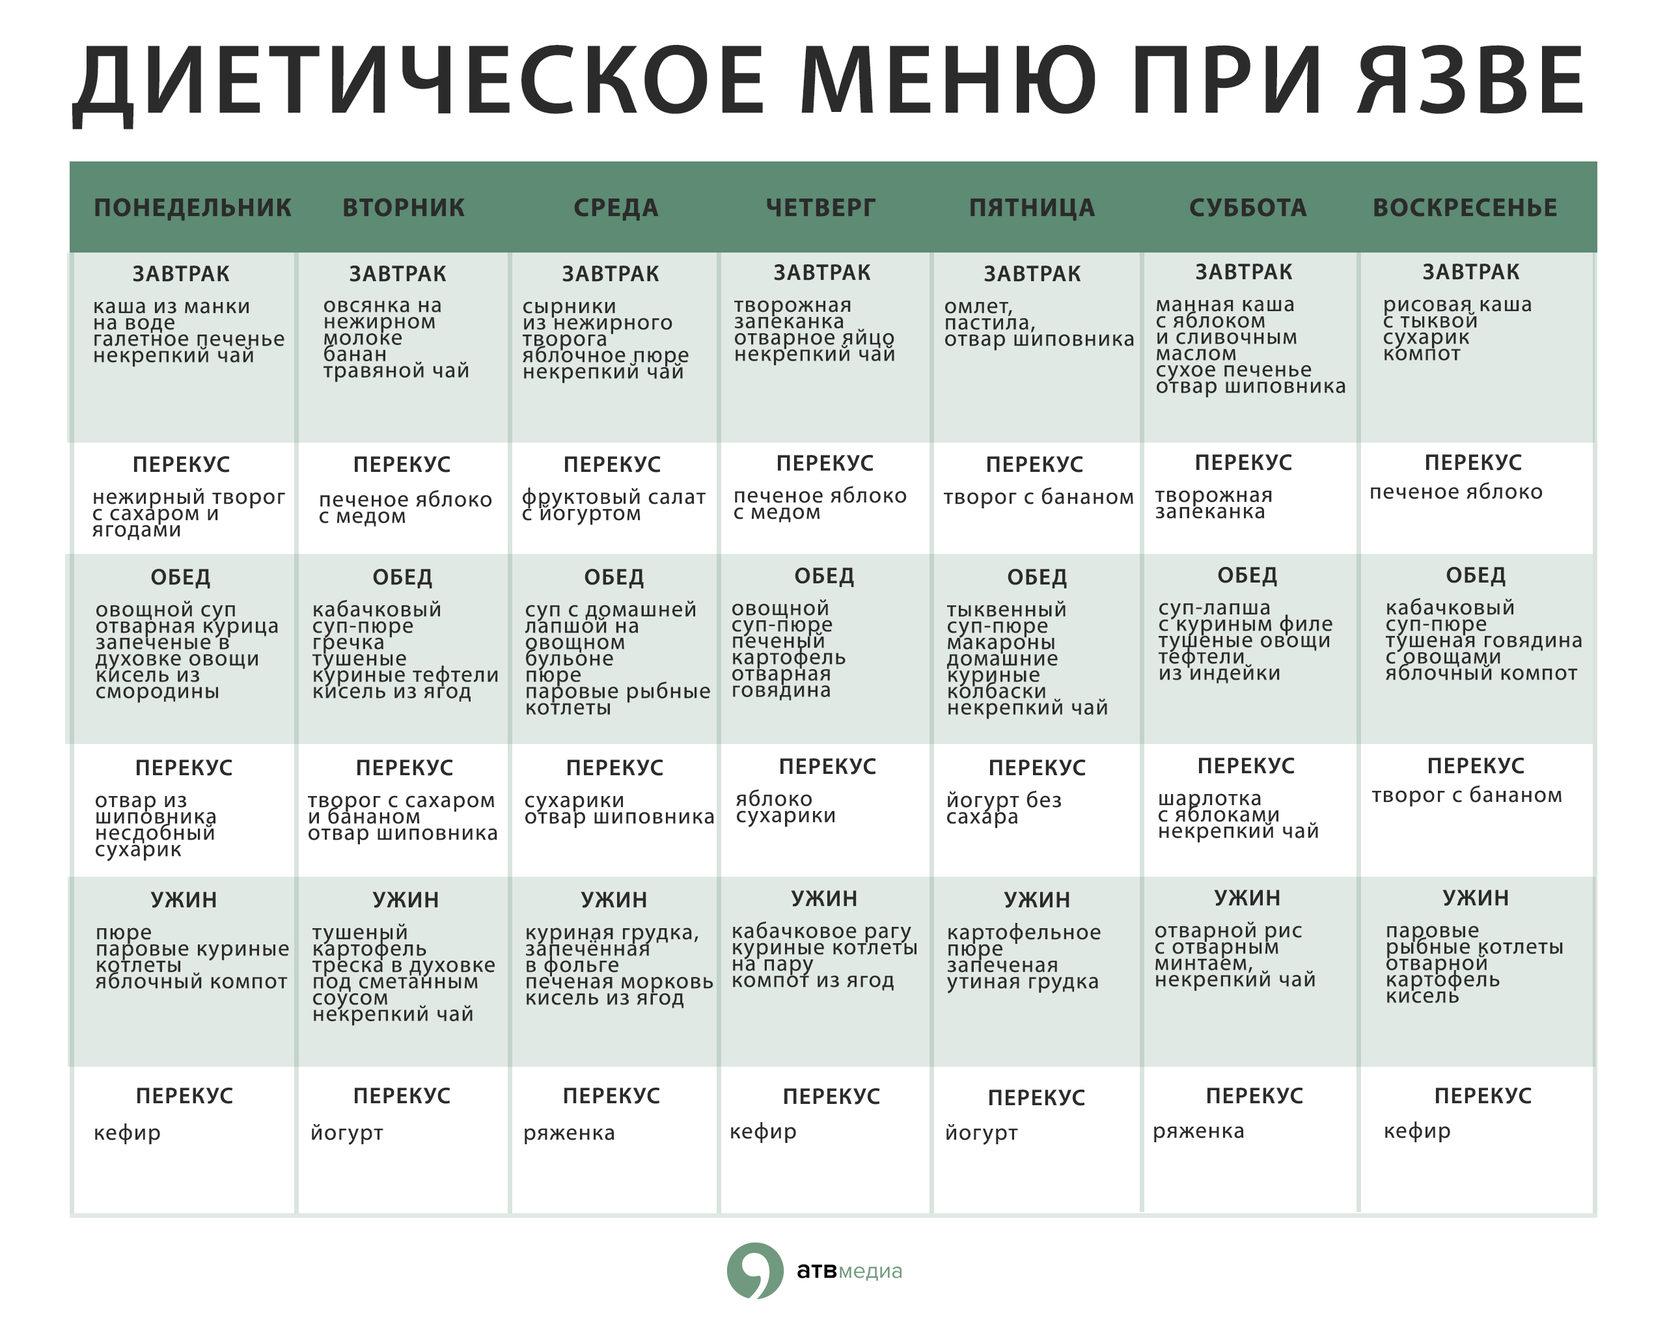 Диета номер 5 недельное меню